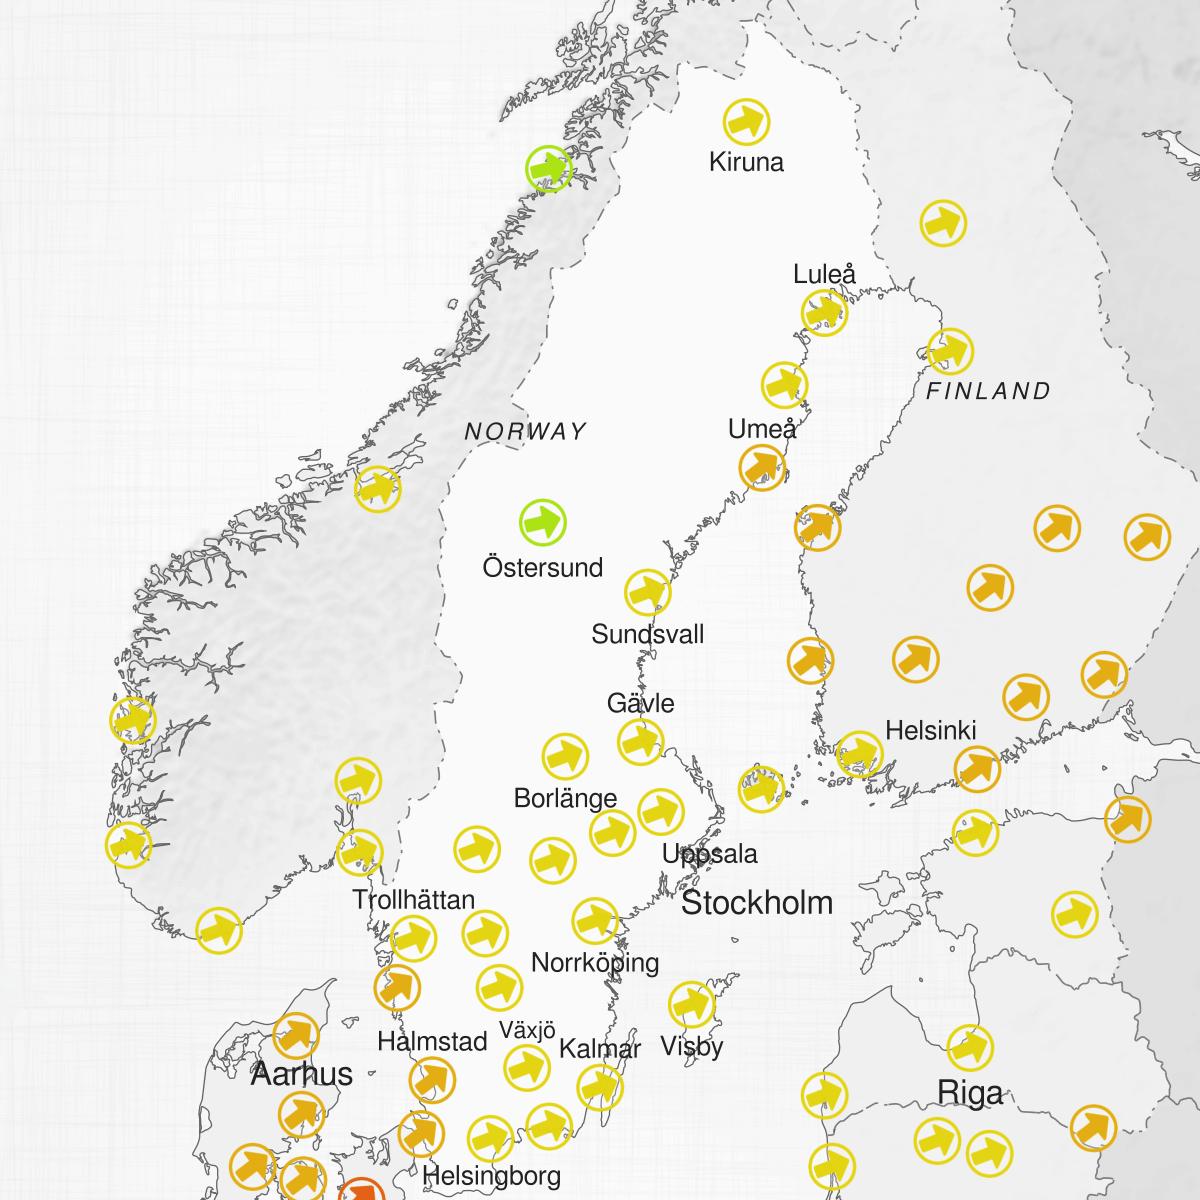 Cities of Sweden